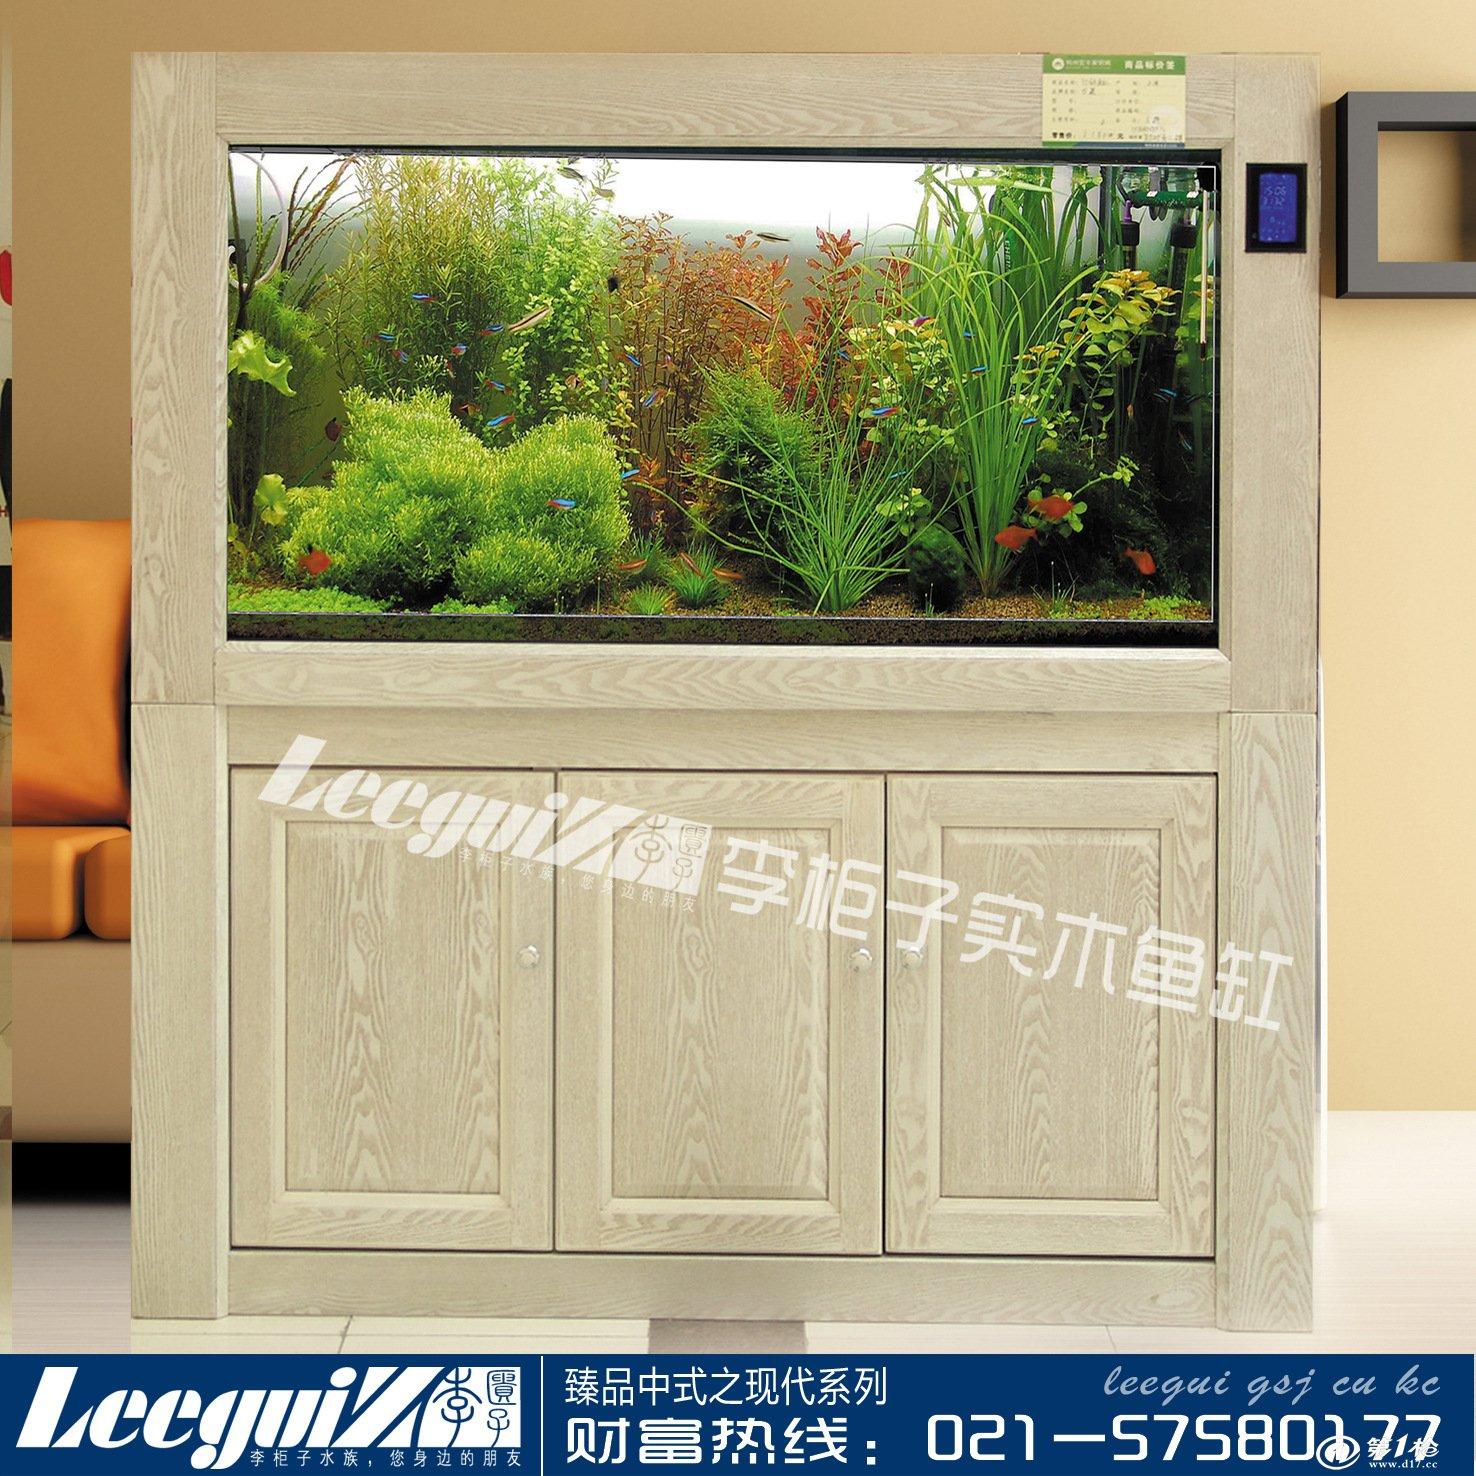 超白玻璃鱼缸实木底柜 生态龙鱼缸 现代水族箱 实木底